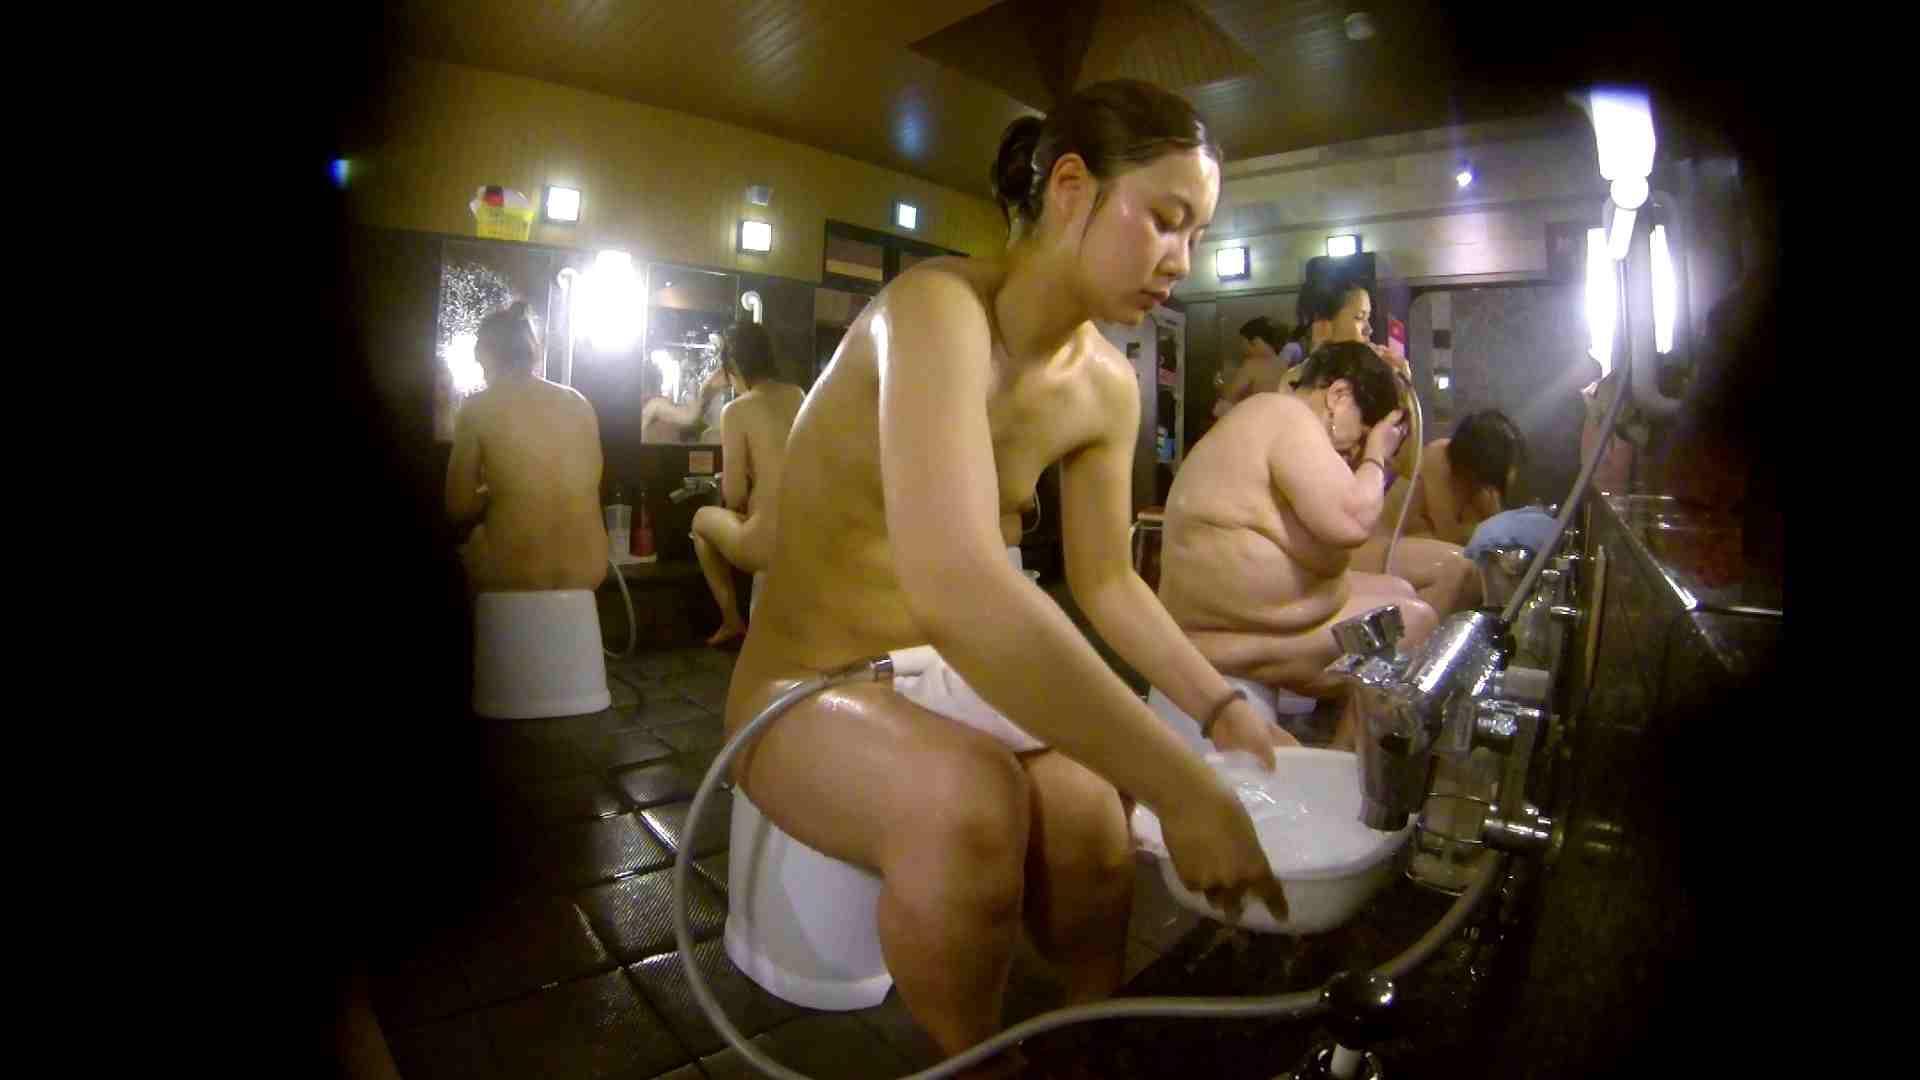 追い撮り!脱衣~洗い場、徹底追跡!撮り師さんに拍手!! 追跡  67PIX 36